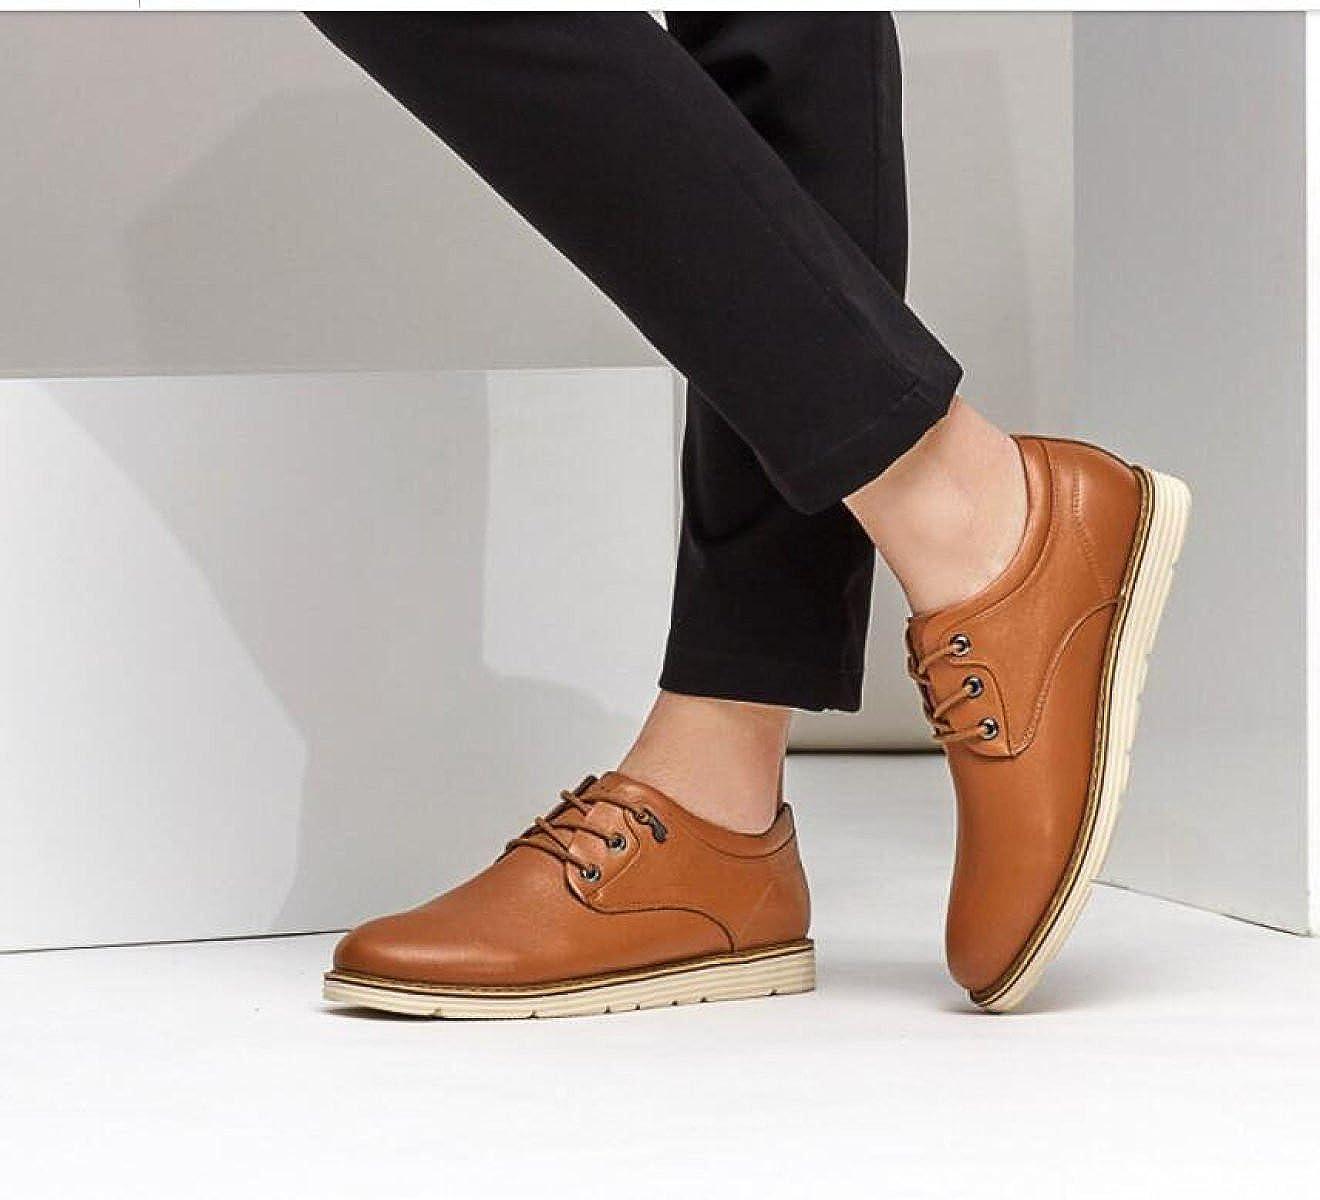 MUYII Oxfords Kleid Schuhe Für Männer Männer Männer Handgefertigte Herren Lace Up Plain Toe Business Lederschuhe Klassische Casual Mens Rutschfeste Bequeme Schuhe  e78747